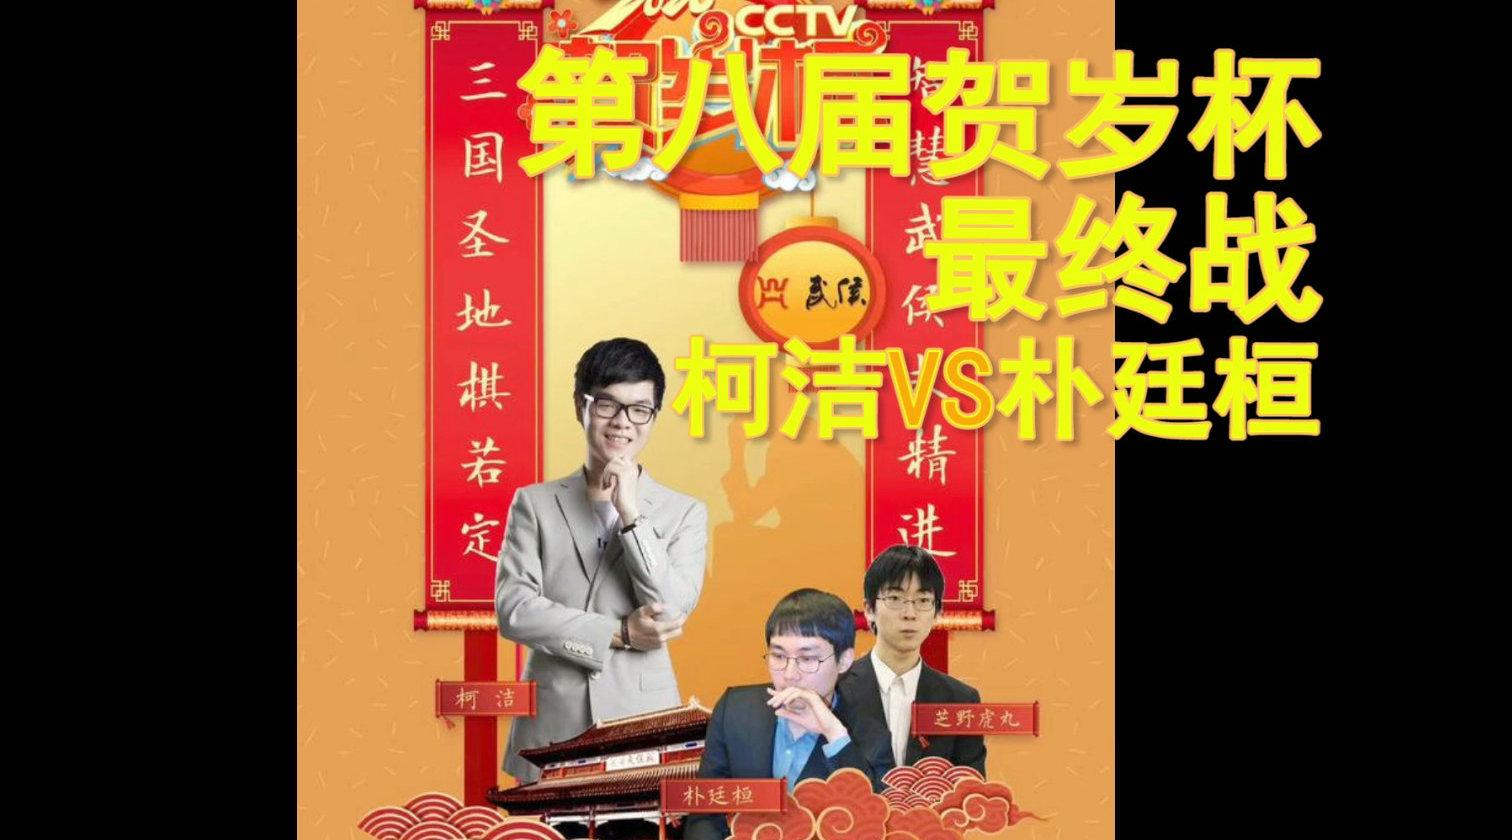 视频-朴廷桓贺岁杯三连冠 柯洁遗憾获亚军